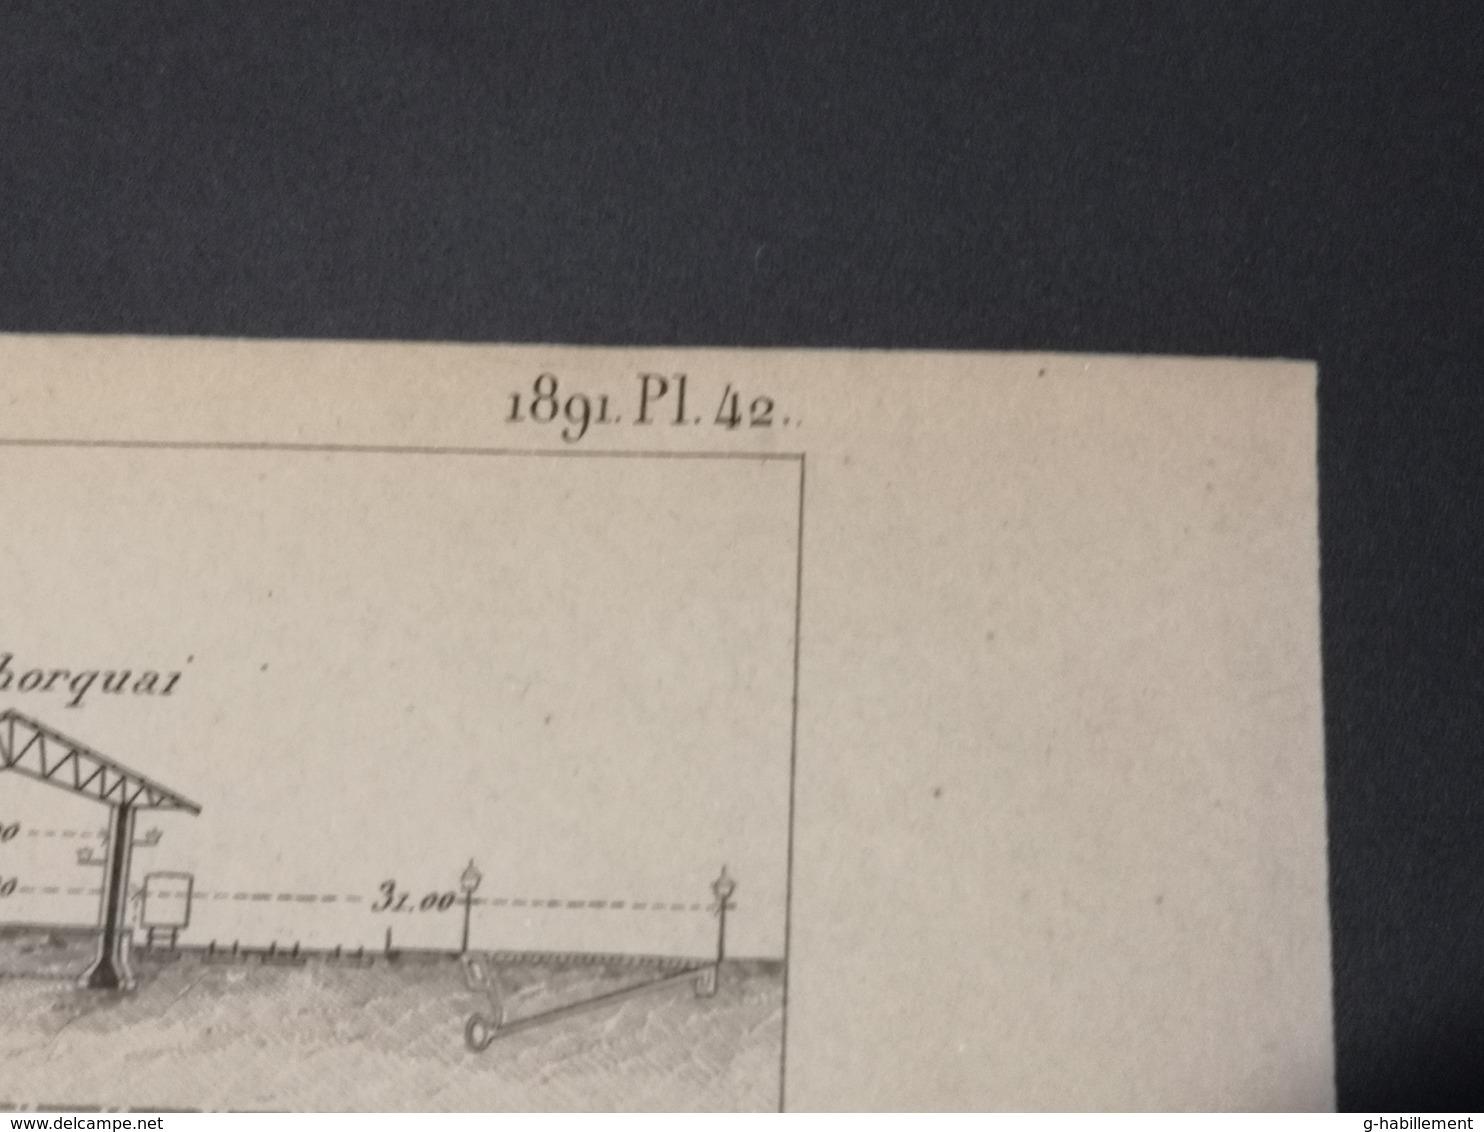 ANNALES PONTS Et CHAUSSEES (Allemagne) - Plan Des Ports Allemands De La Mer Du Nord - Graveur Macquet 1891 (CLF18) - Cartes Marines